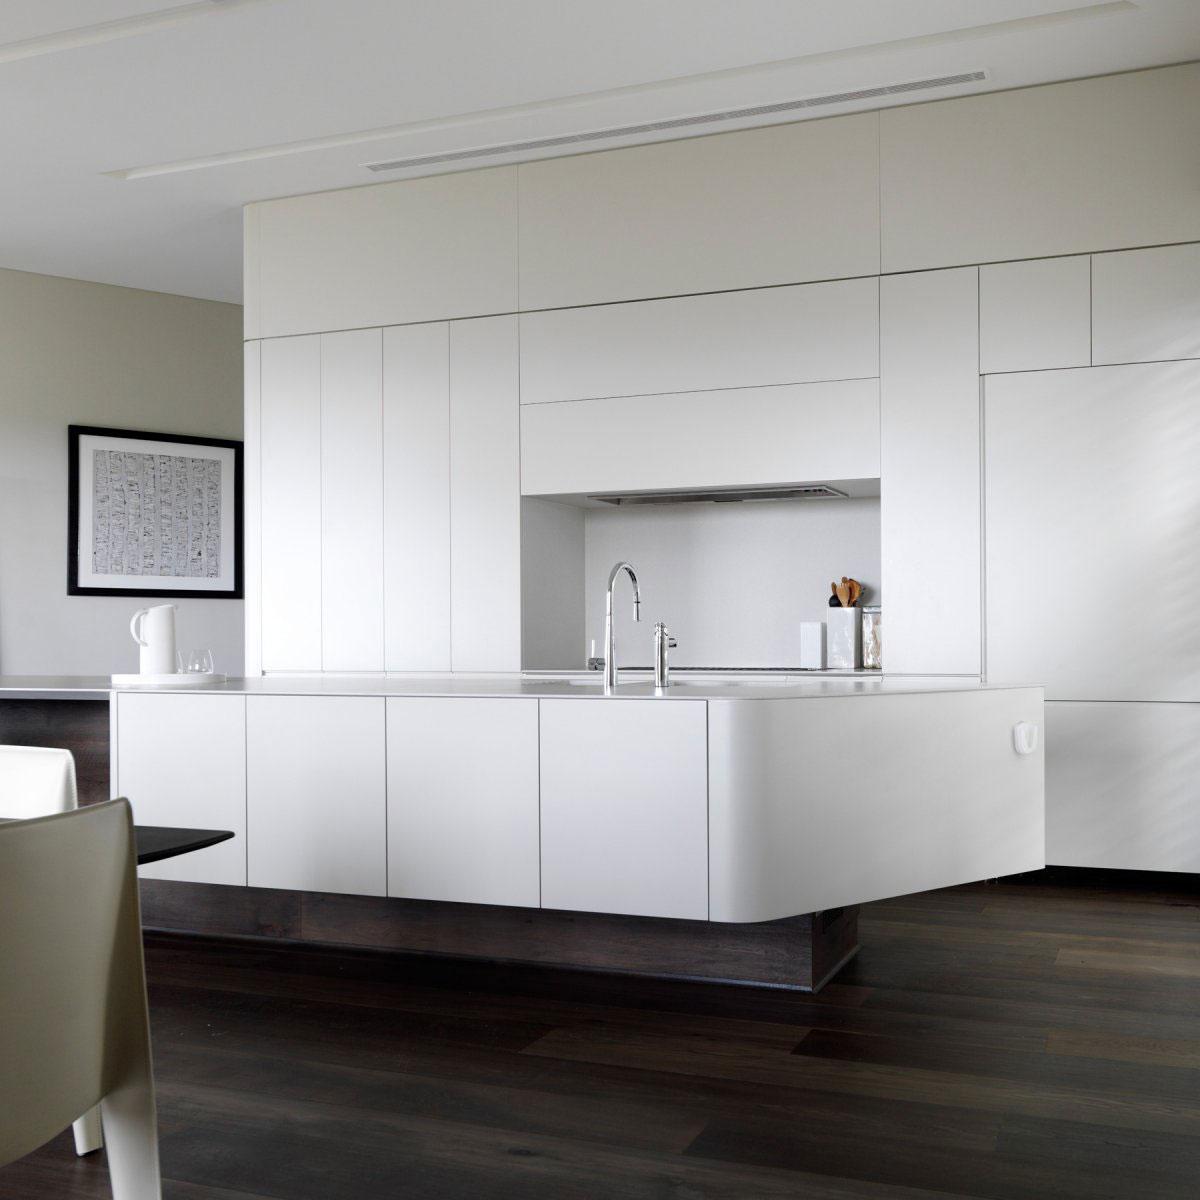 Роскошный интерьер кухни в загородном доме - Фото 40